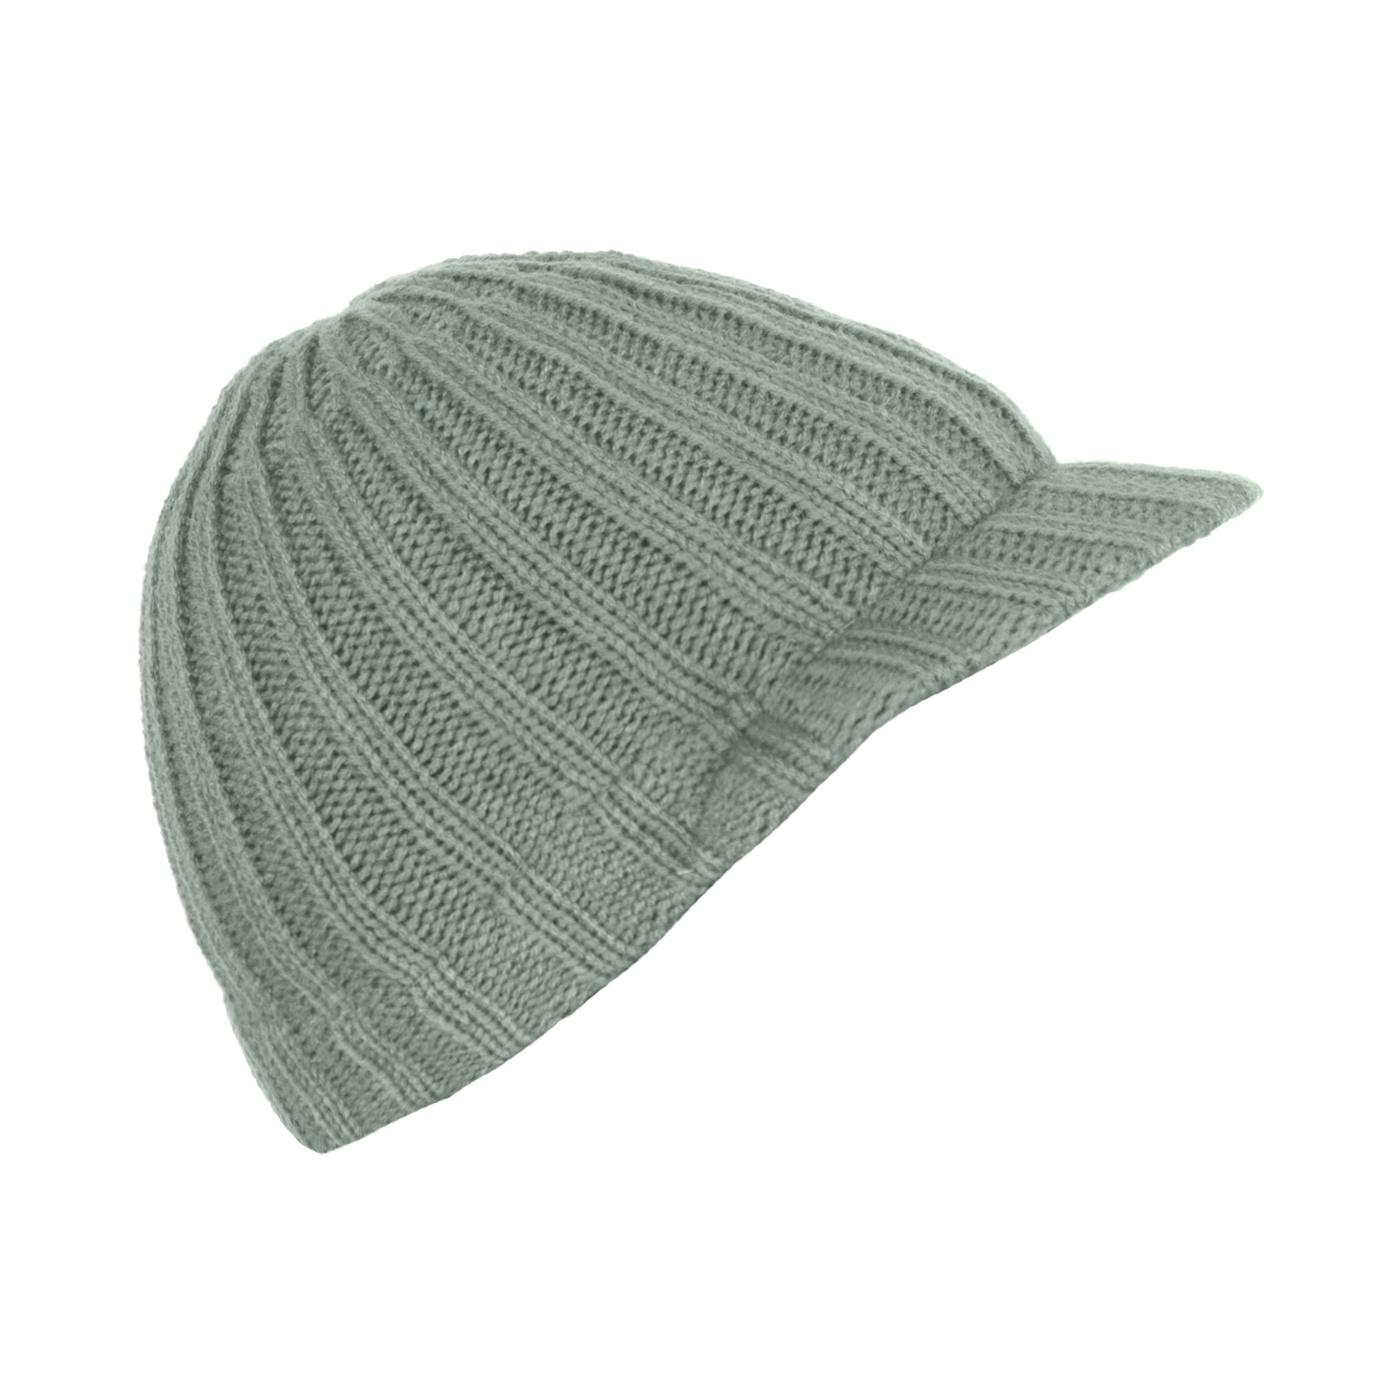 Męska czapka zimowa z daszkiem – szara w prążki